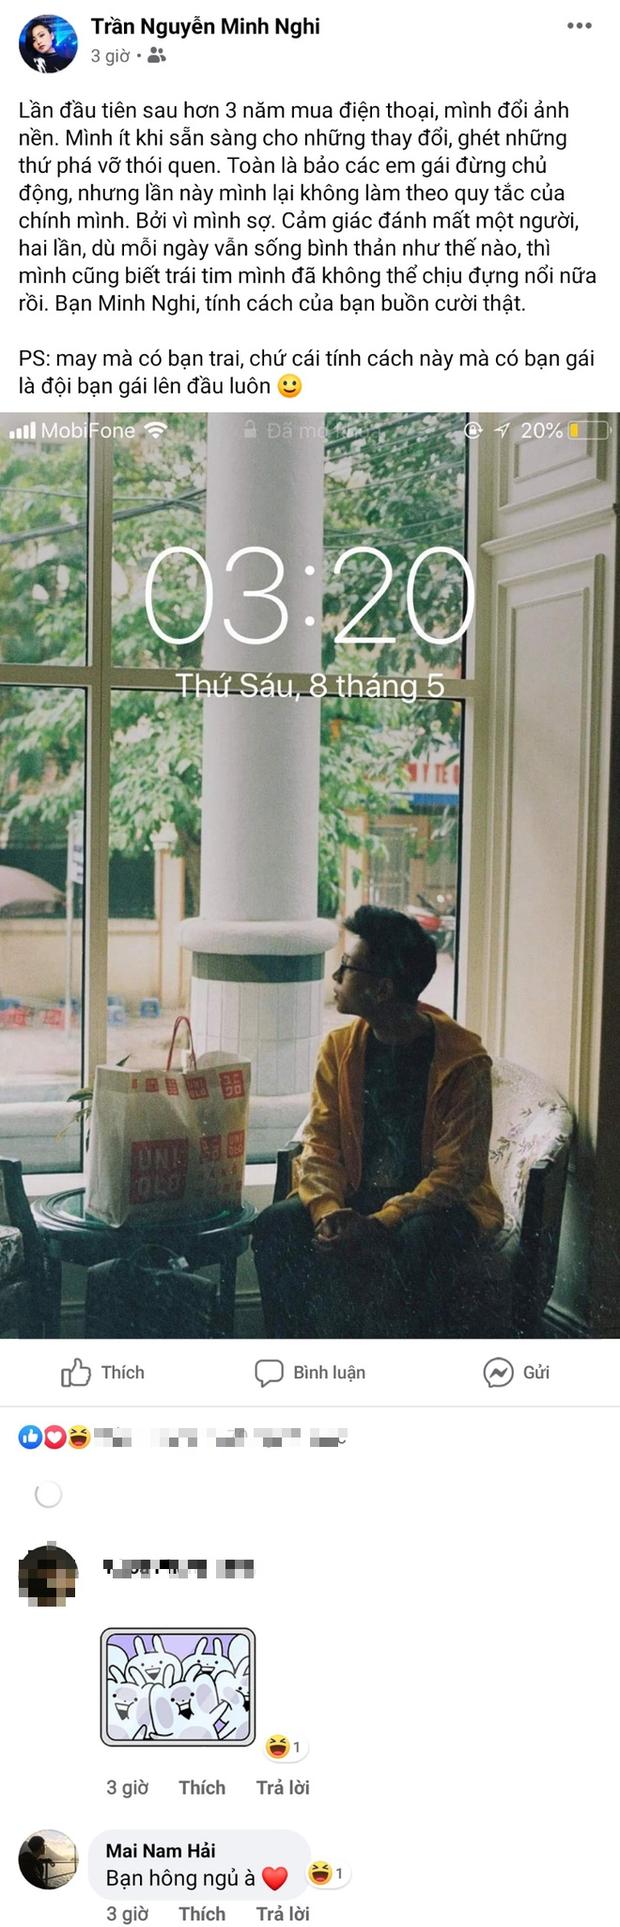 Người trong cuộc lên tiếng: Bomman xác nhận đang trong mối quan hệ tình cảm với MC Minh Nghi - Ảnh 1.